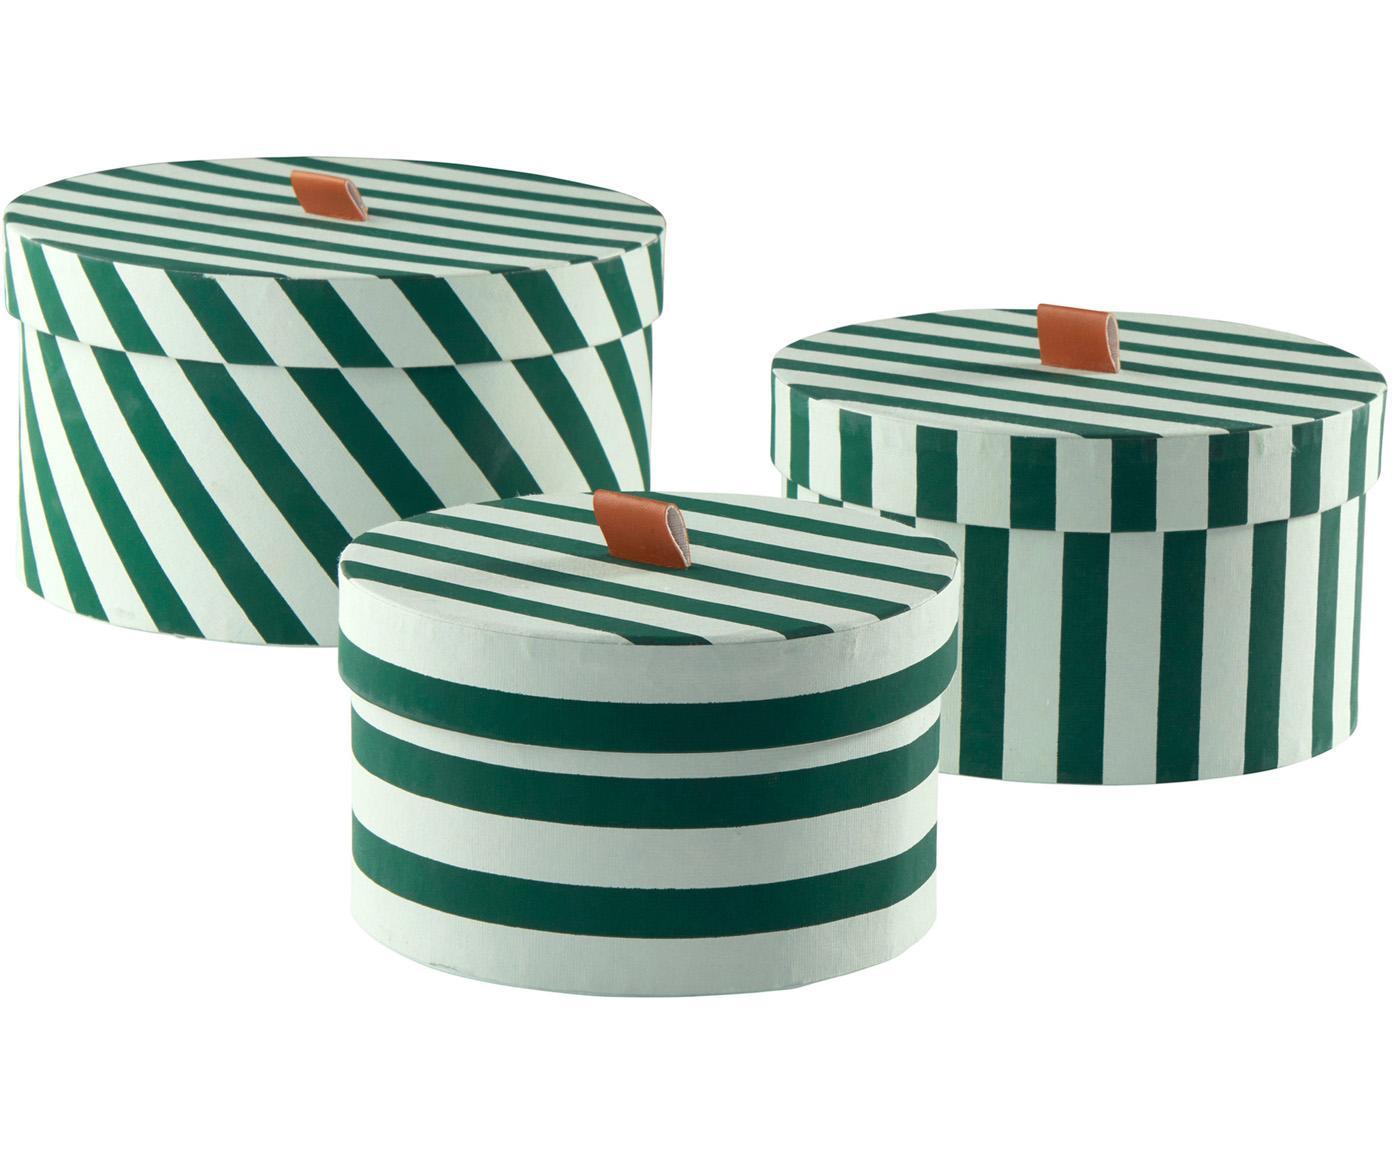 Set de cajas Dizzy, 3pzas., Plástico reciclado, Verde, Tamaños diferentes